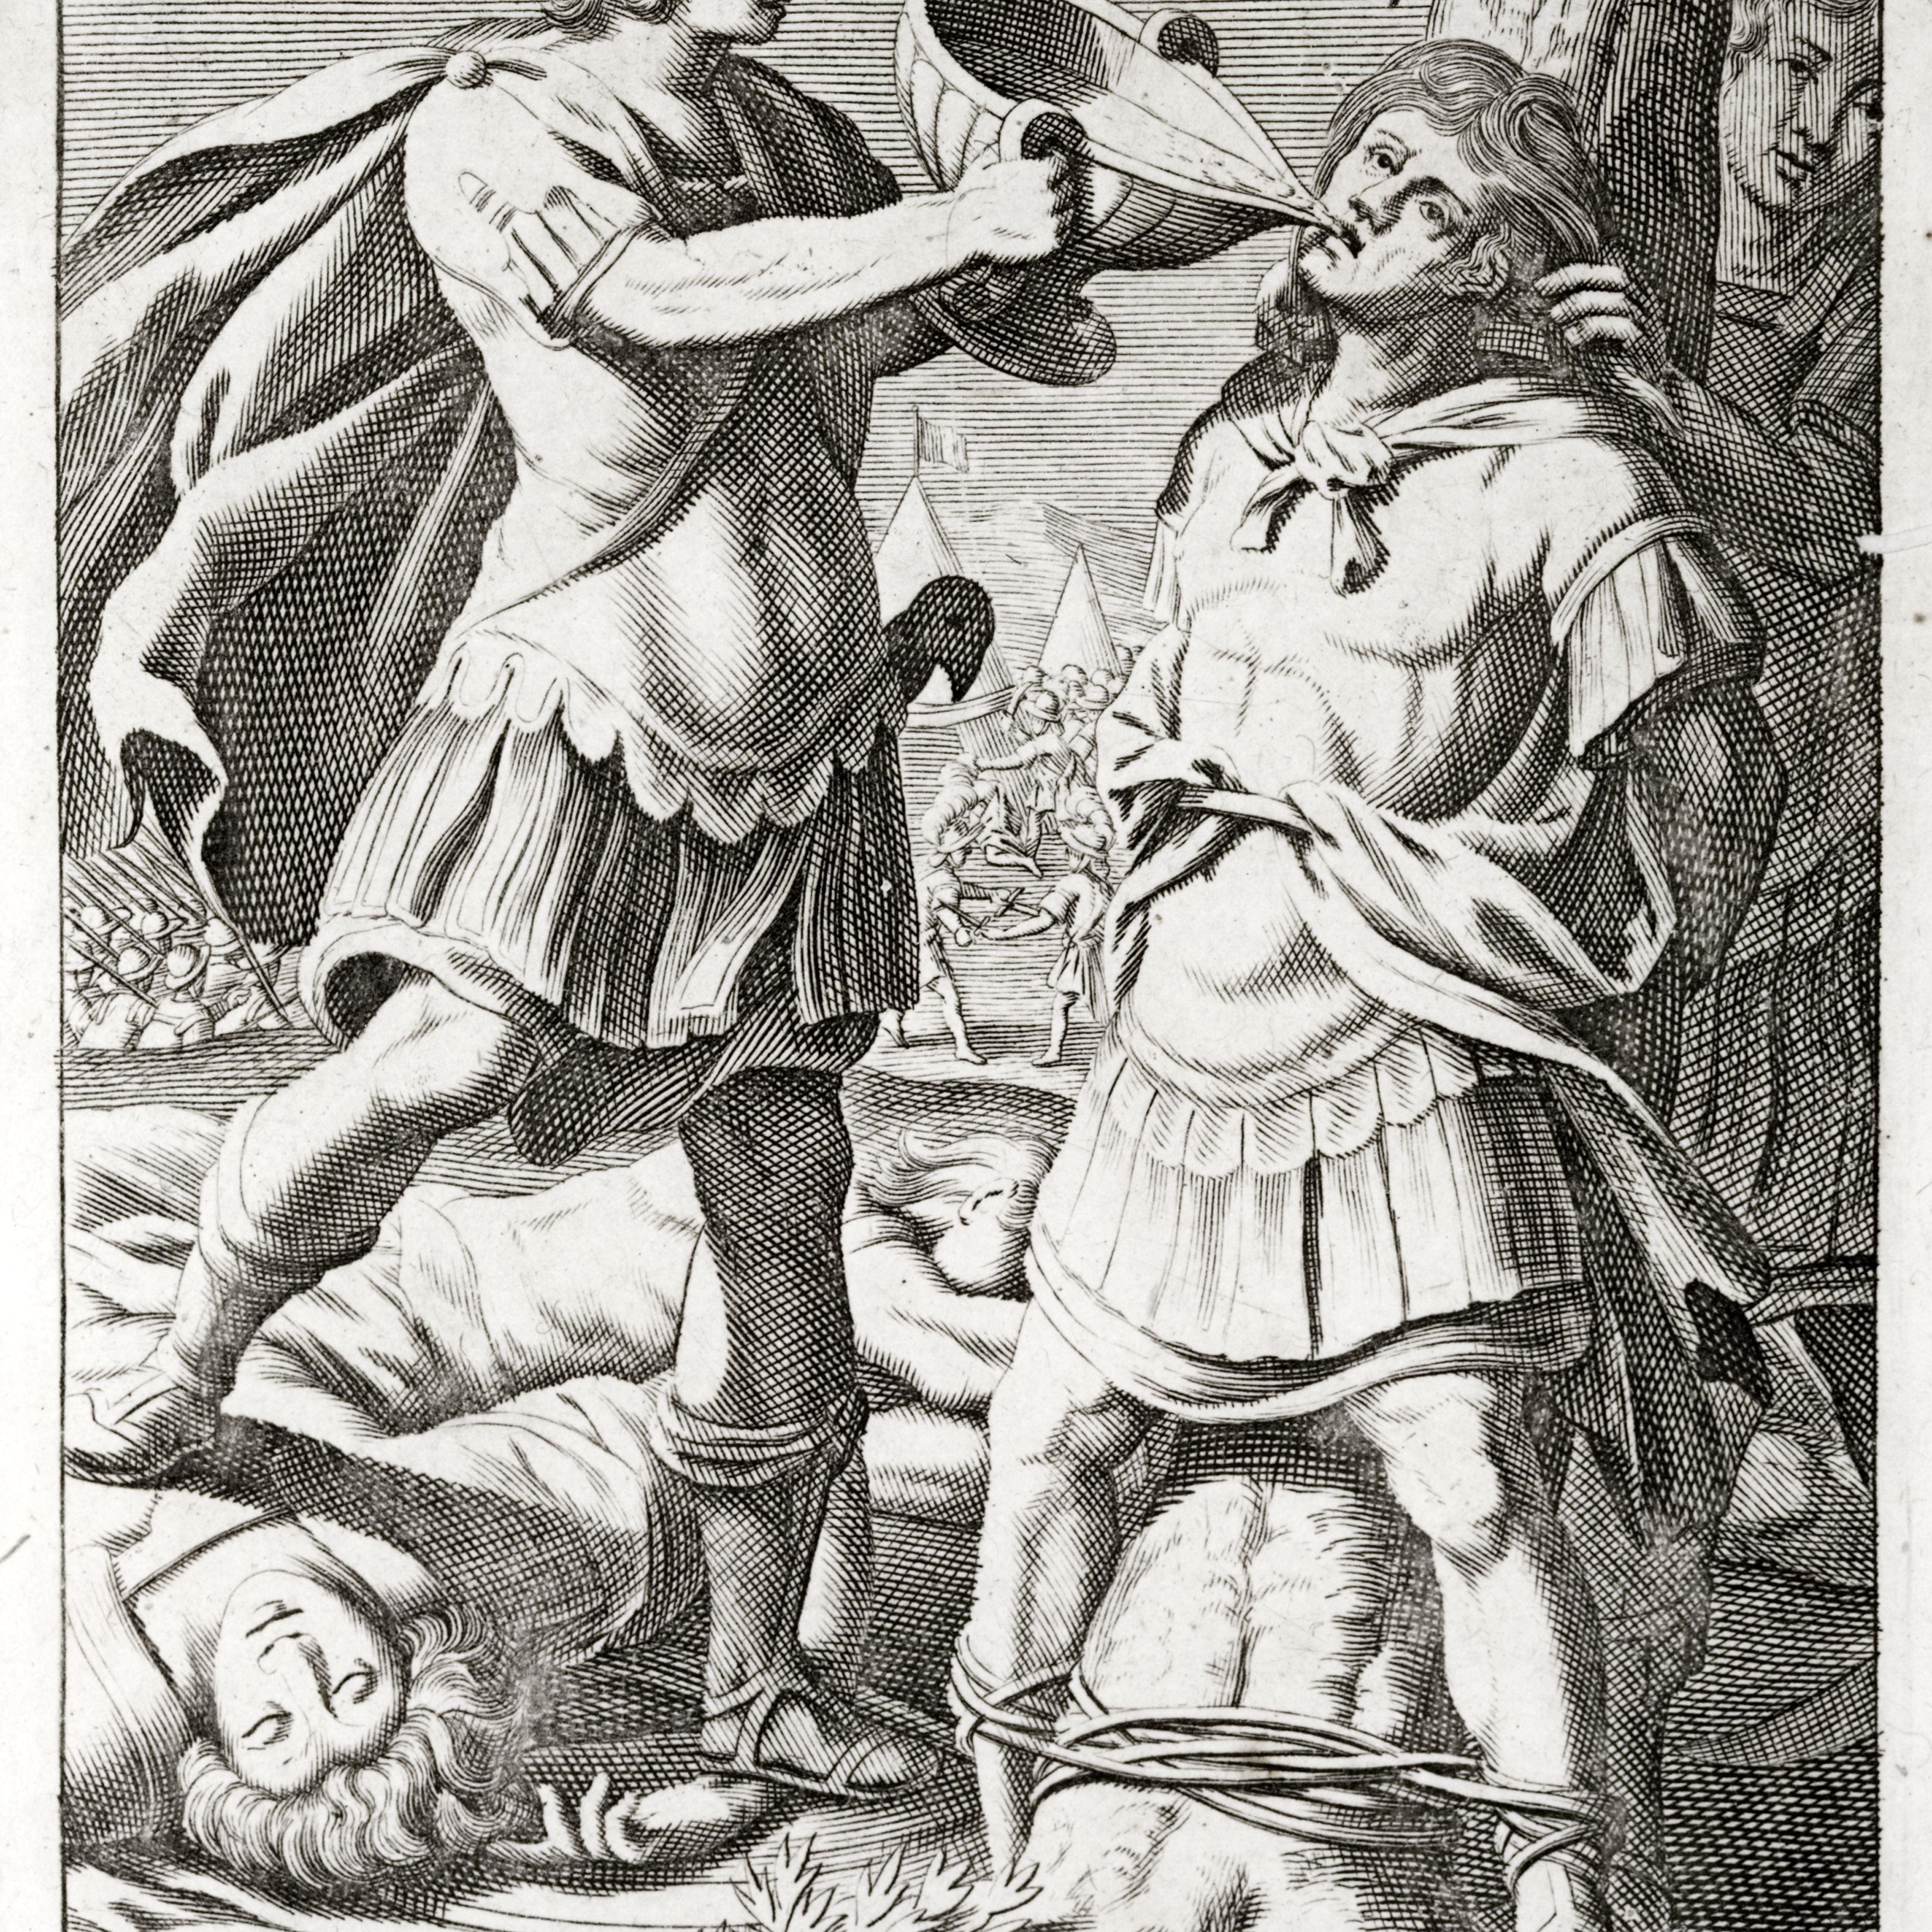 Illustration of Marcus Licinius Crassus dying against a tree.